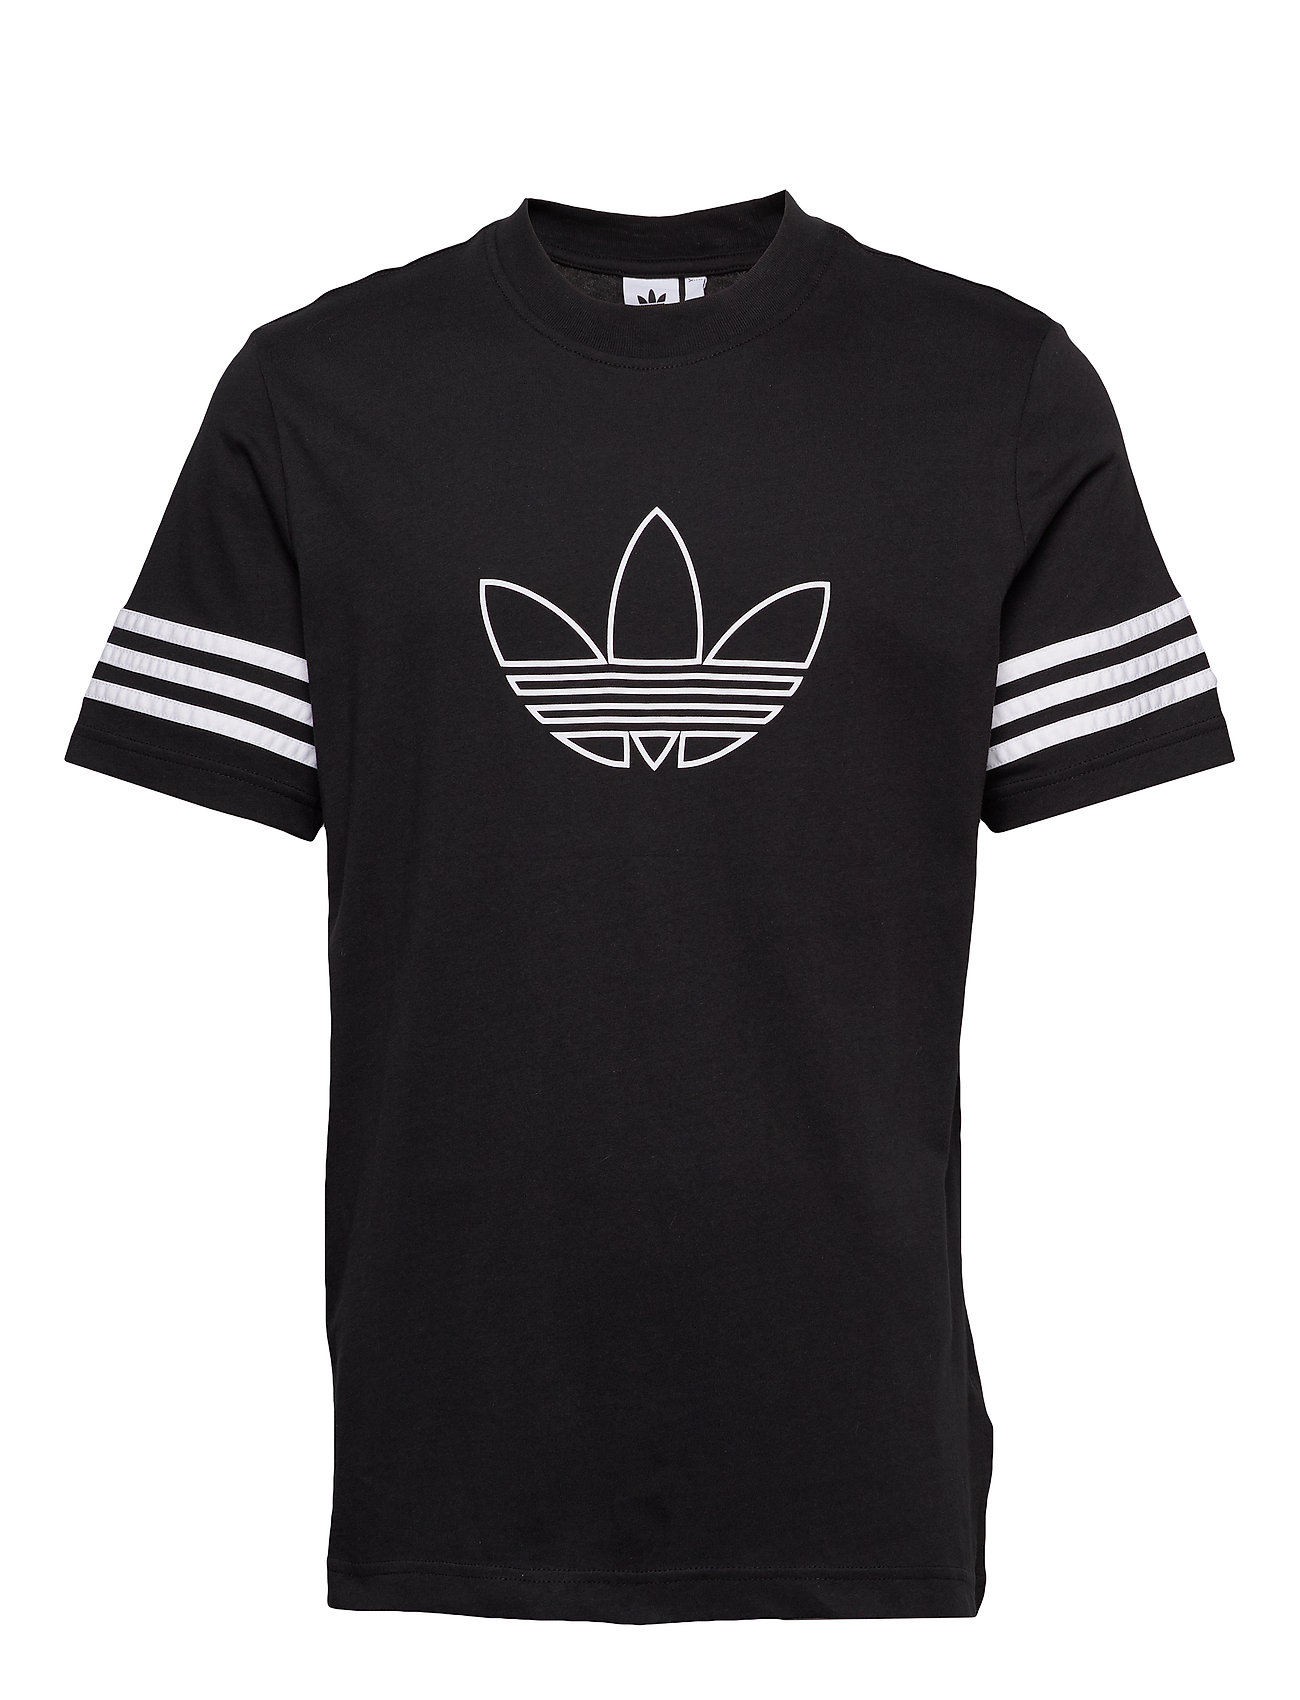 adidas Originals OUTLINE TEE - BLACK